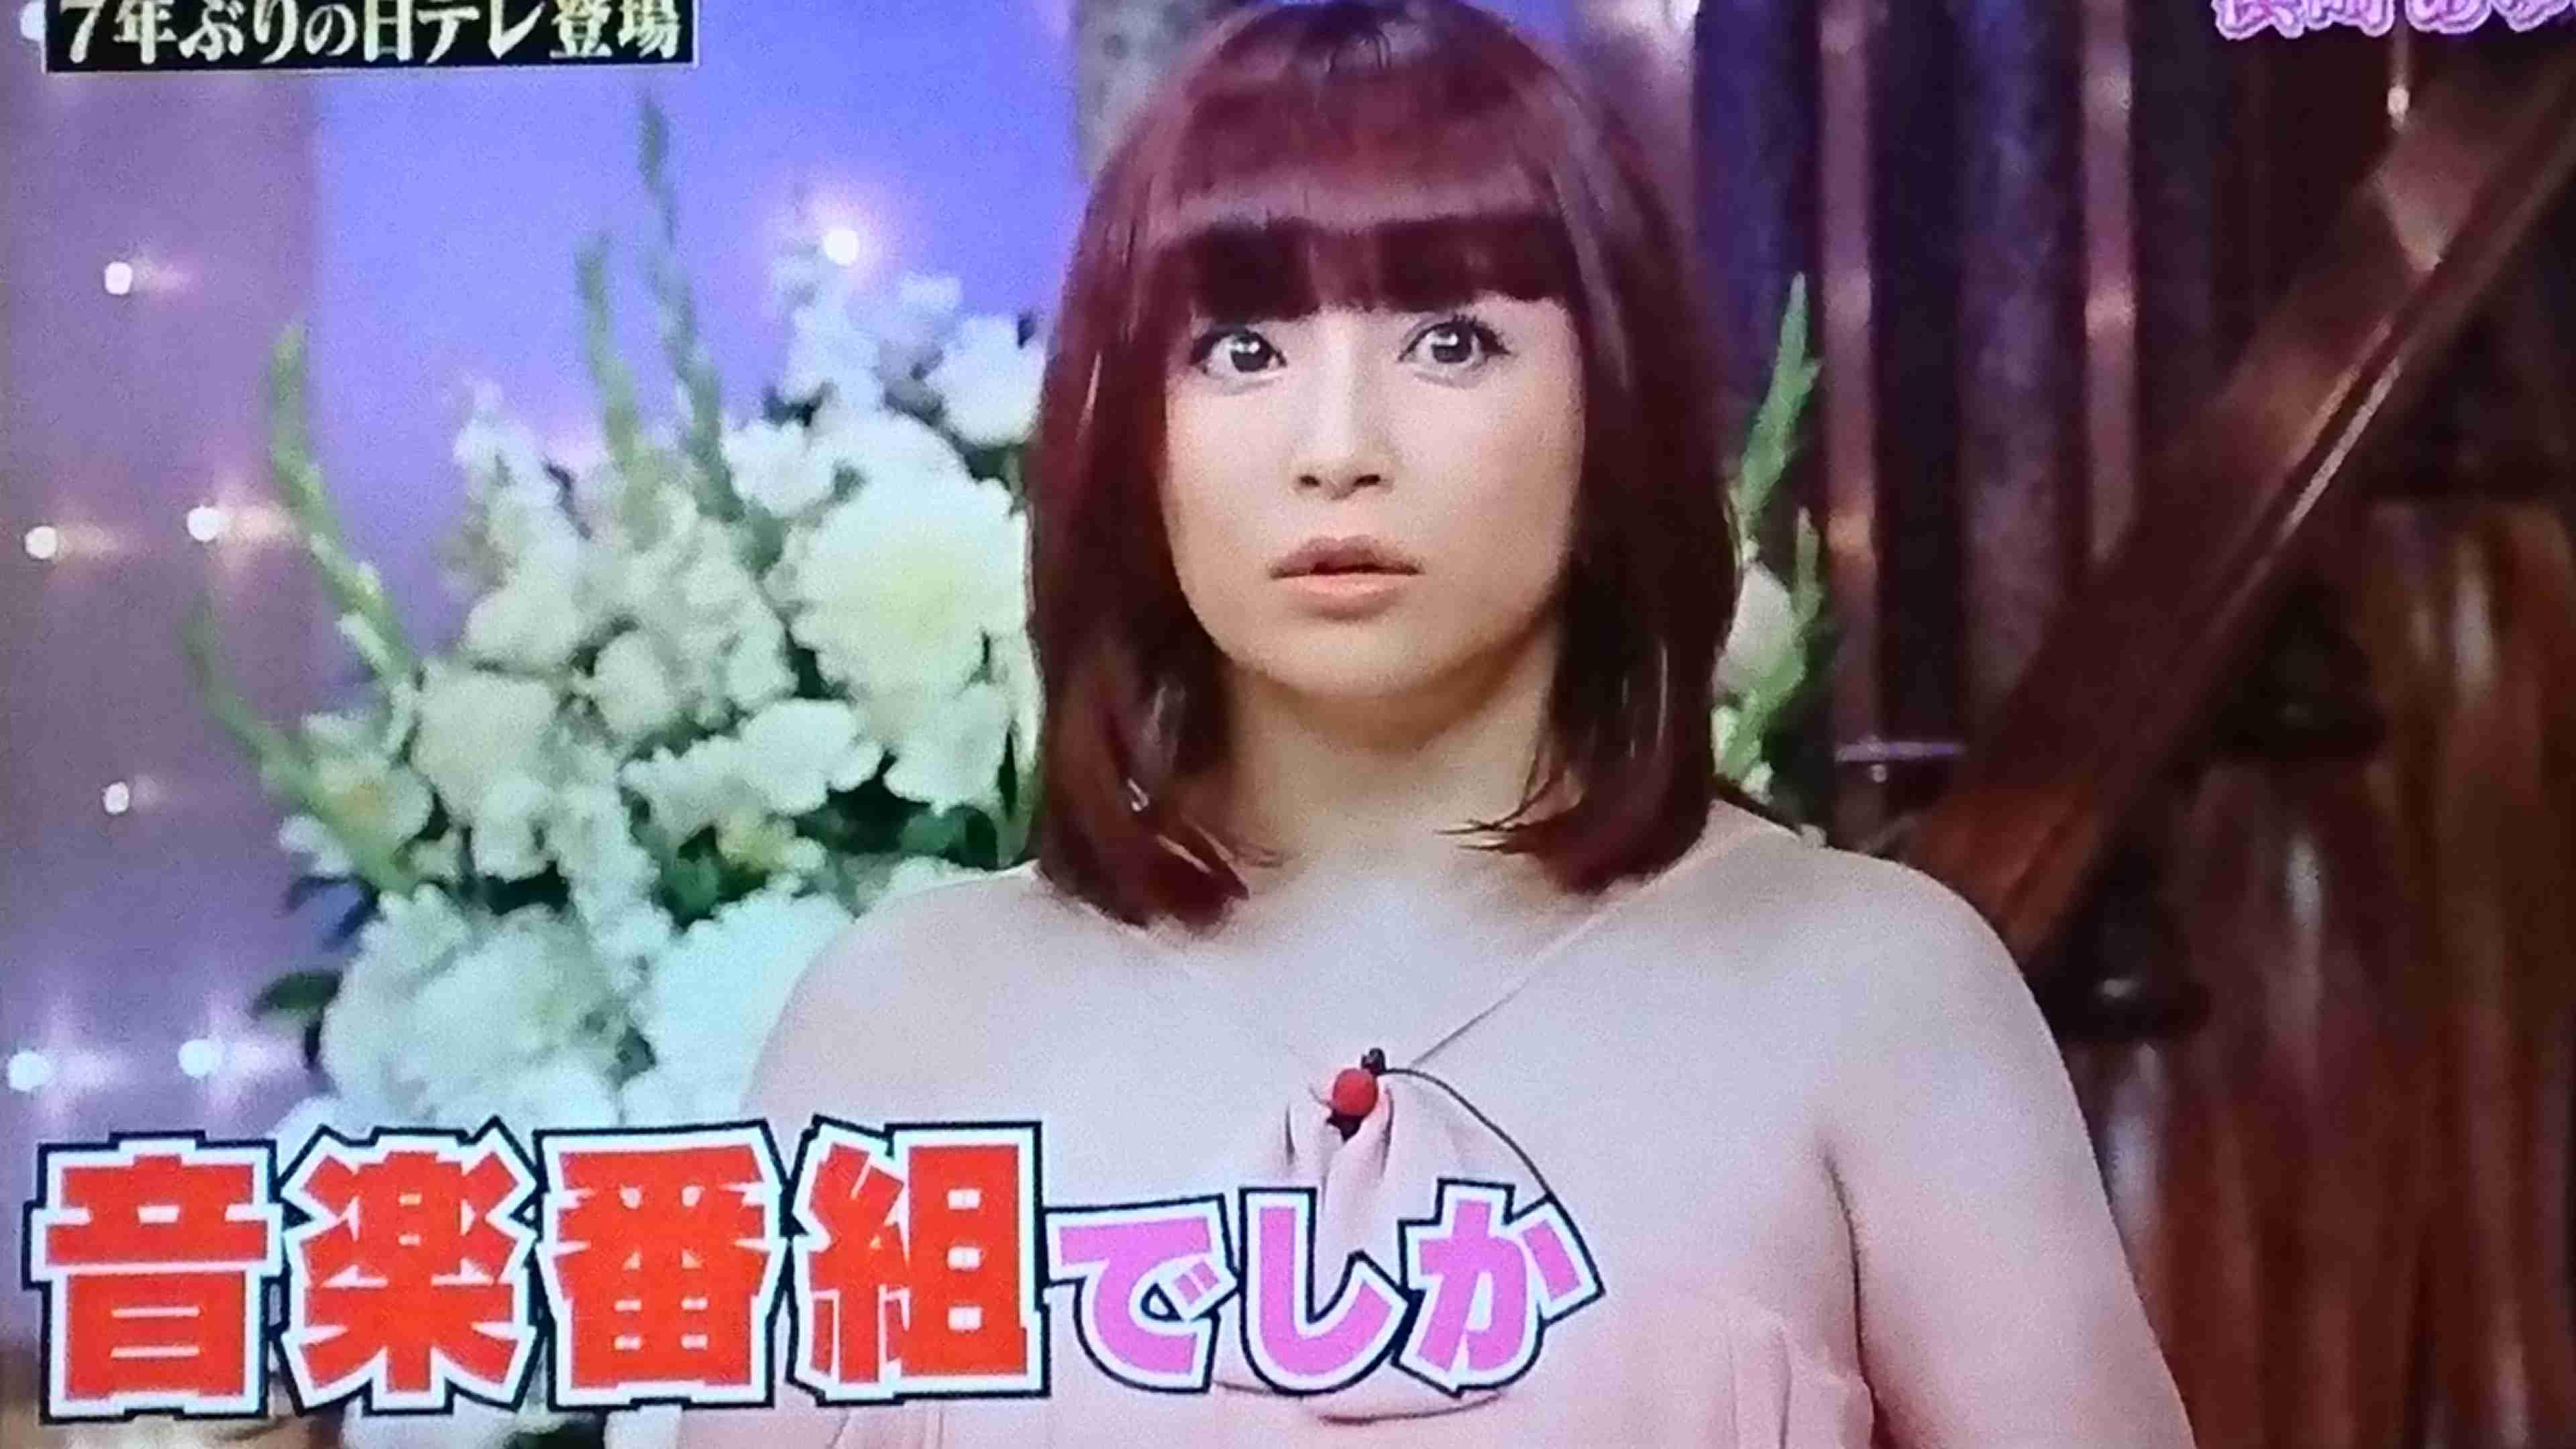 【実況・感想】しゃべくり007【歌姫・浜崎あゆみ4年ぶりのバラエティー!】